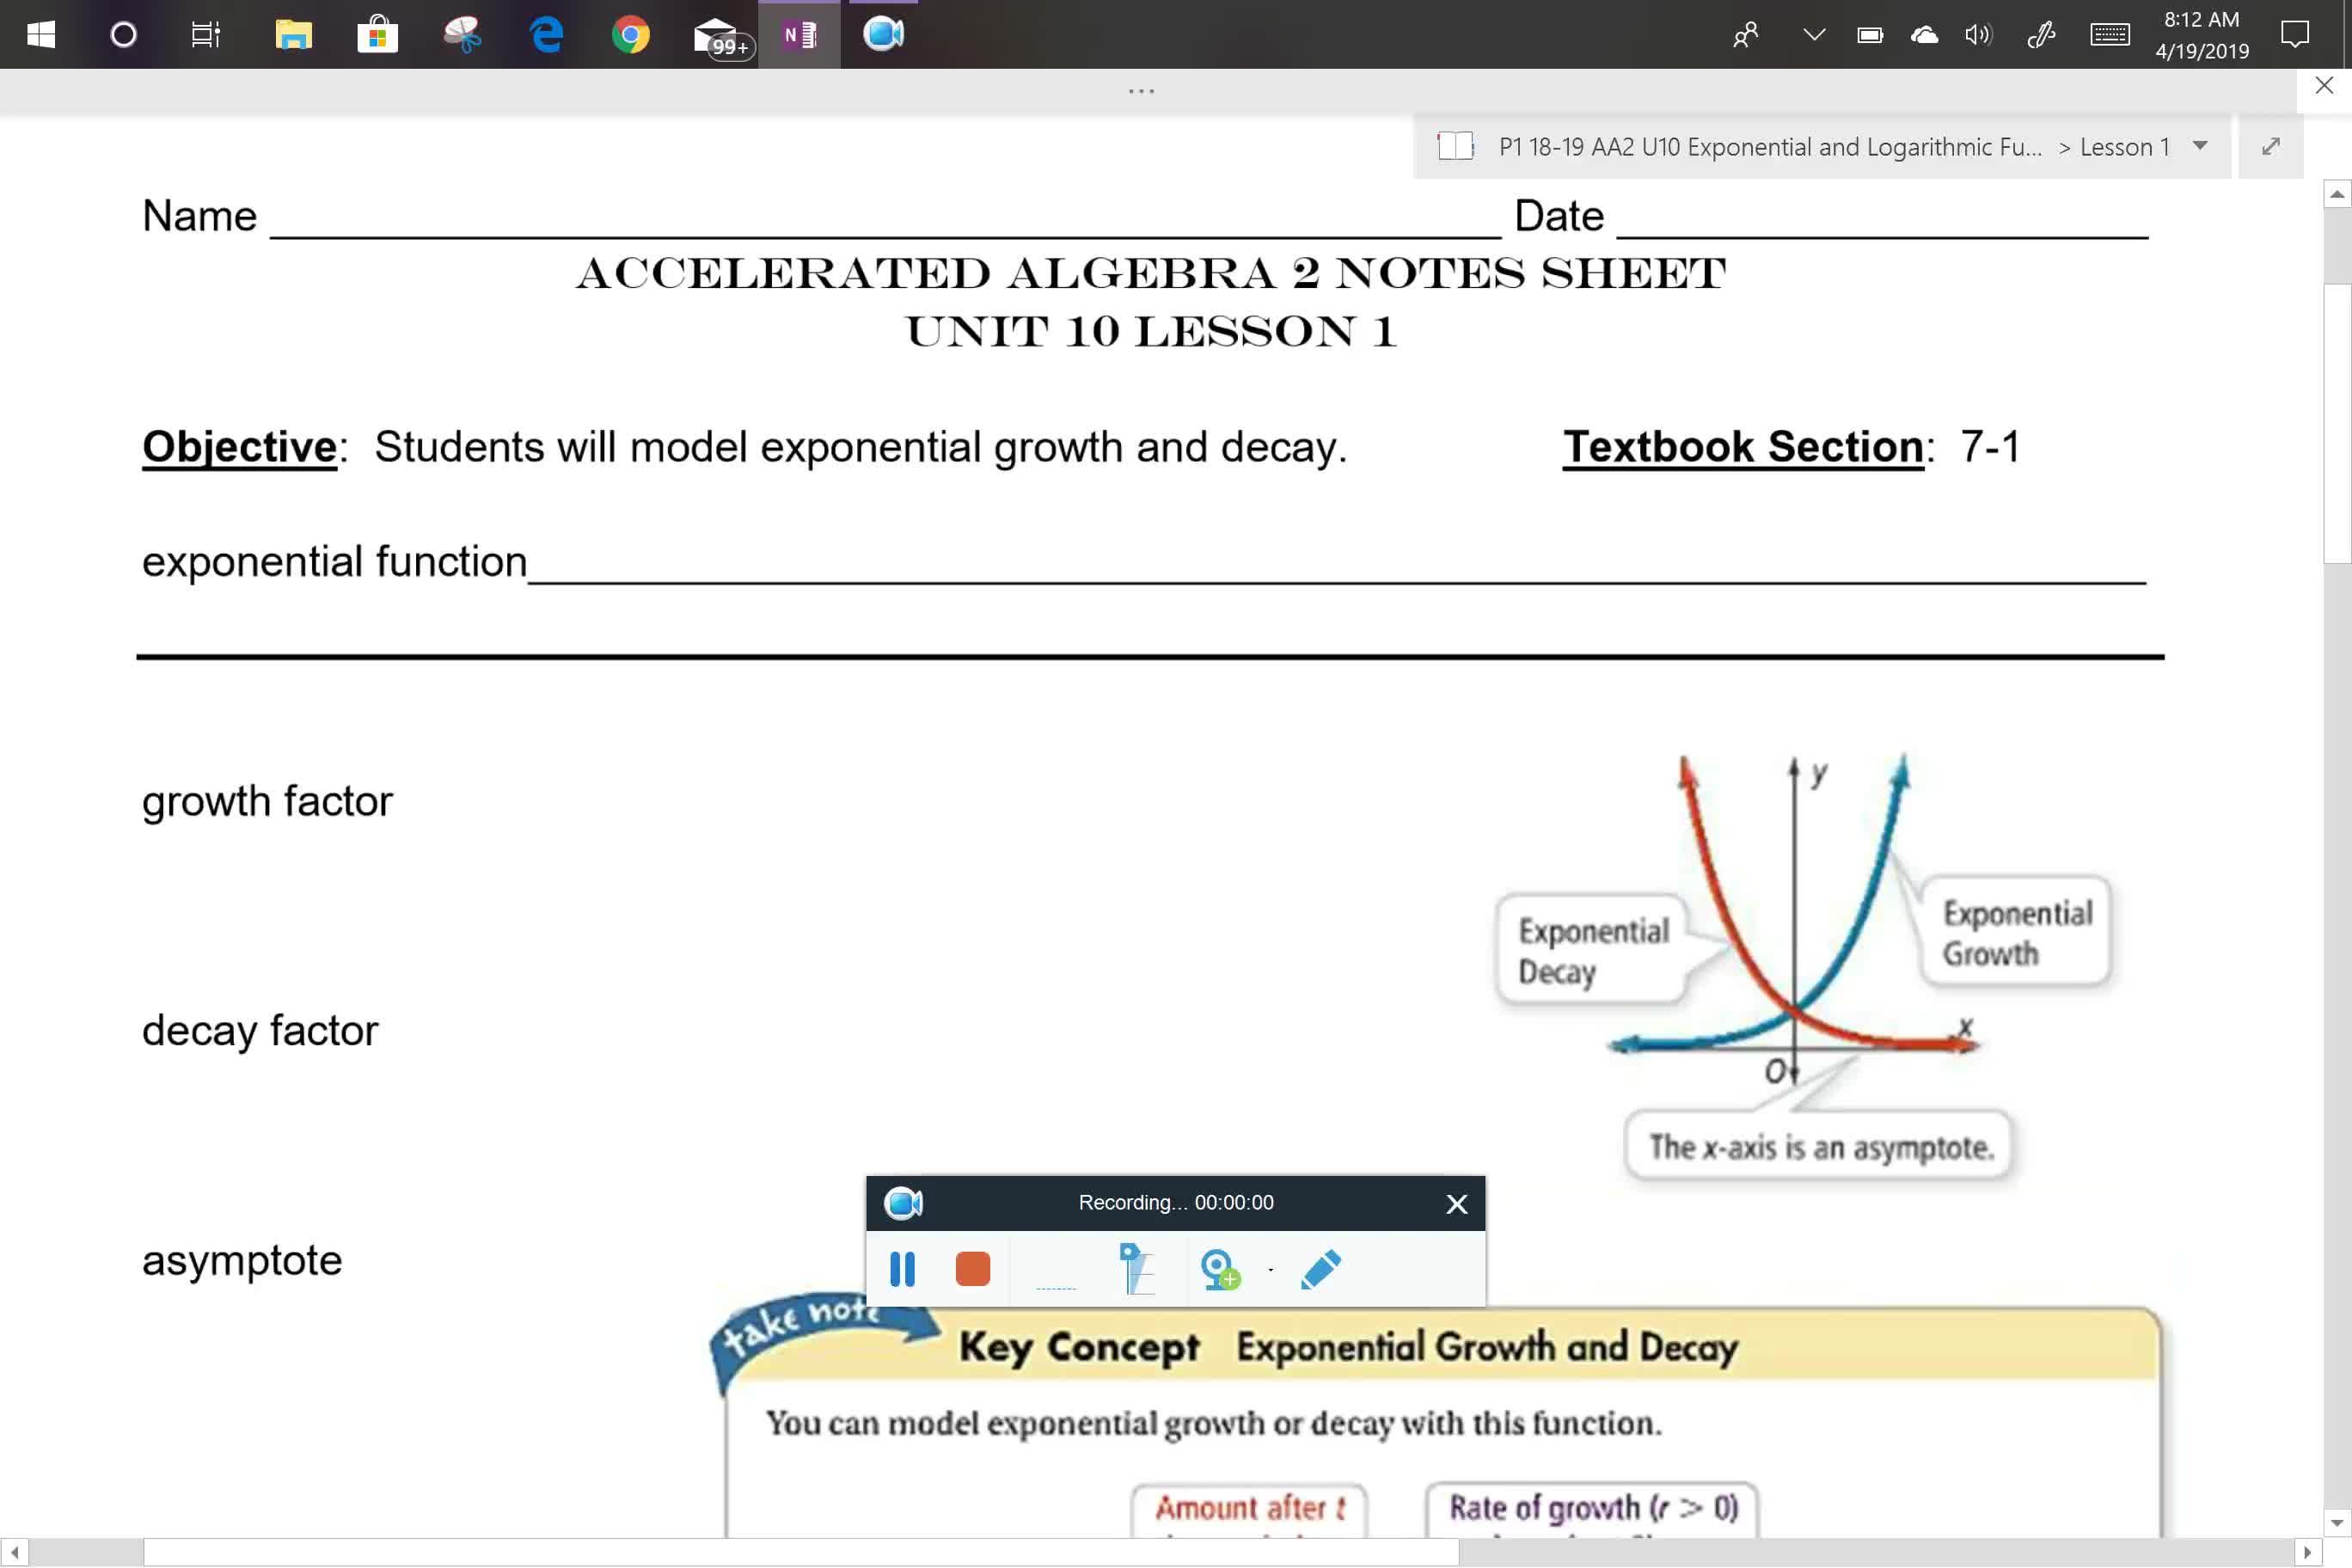 P1 AA2 U10L1 Problem 1